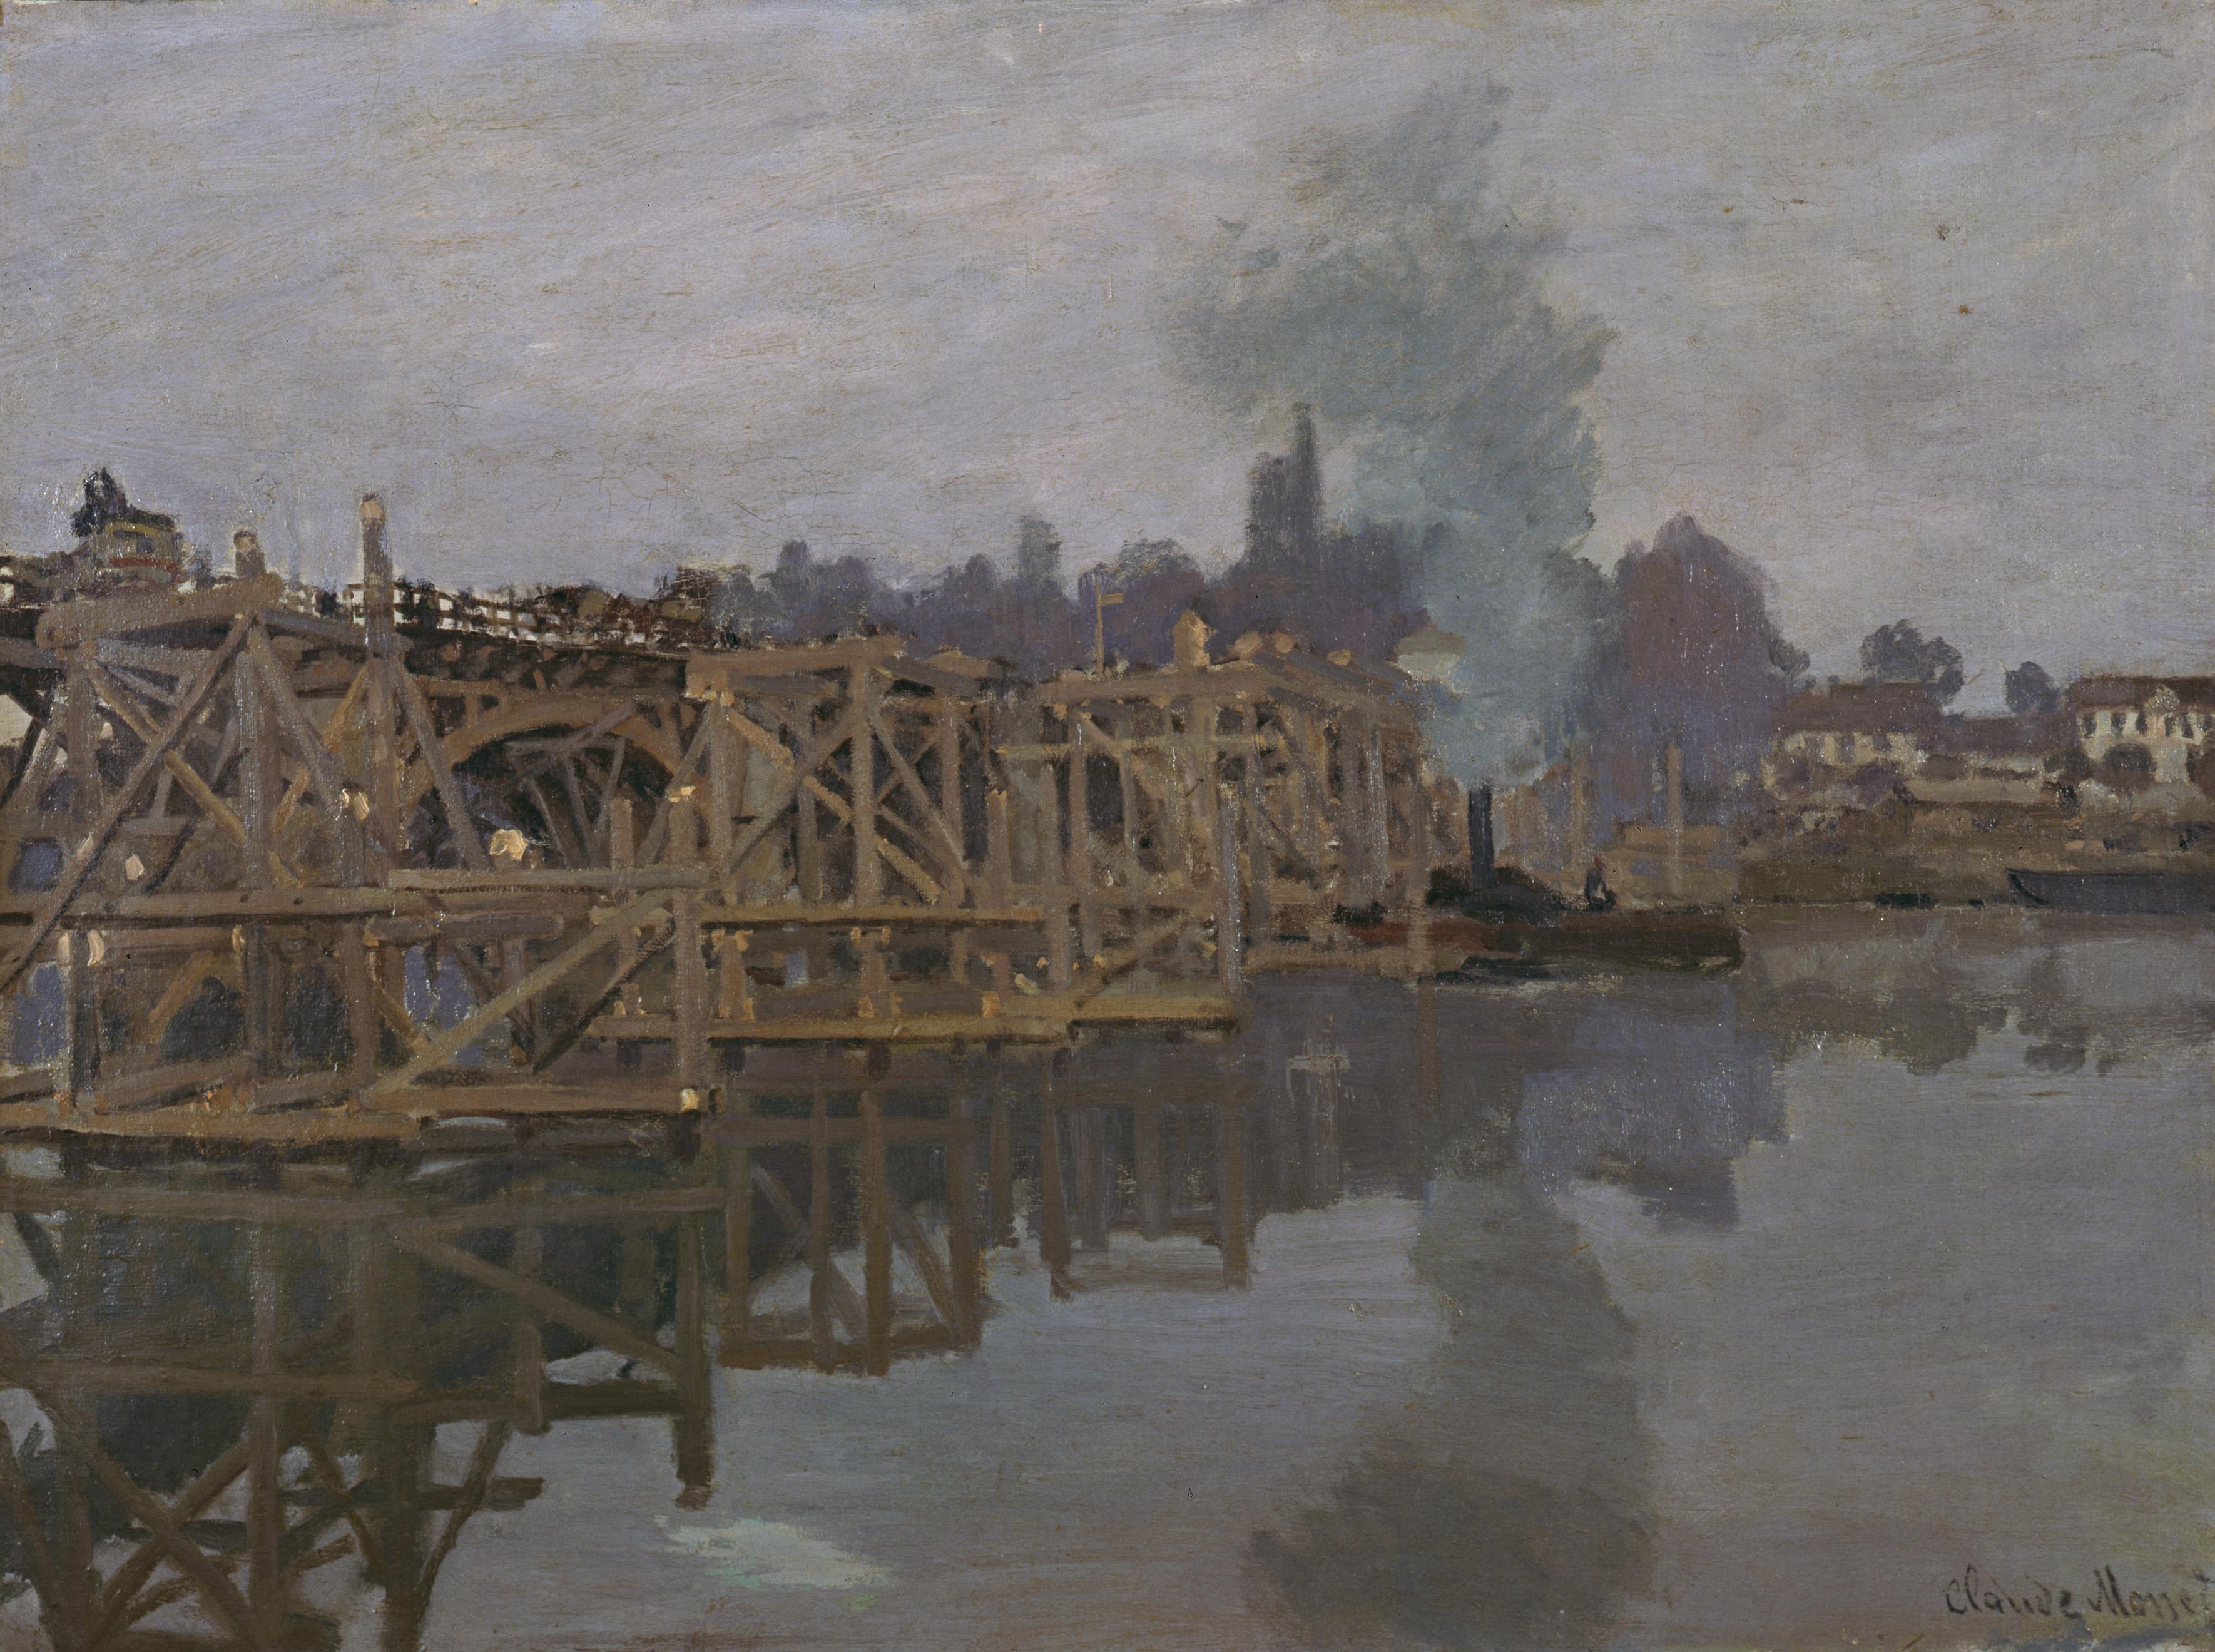 Claude Monet - The Bridge under Repair 1871-1872